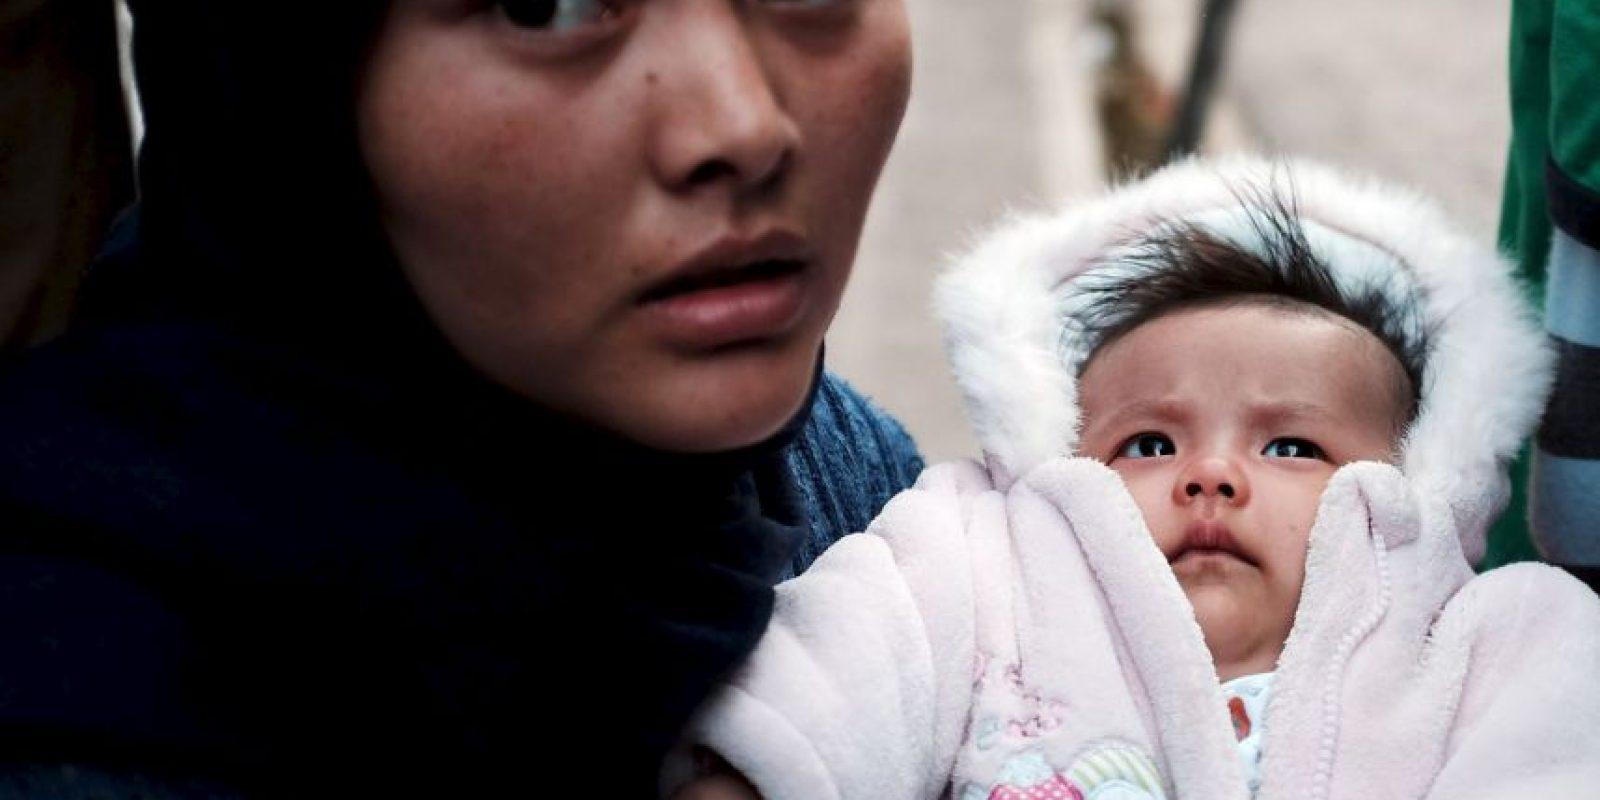 Si su edad oscila entre los 20 y 30 años: 100 mil dinares (86.06 dólares) Foto:Getty Images